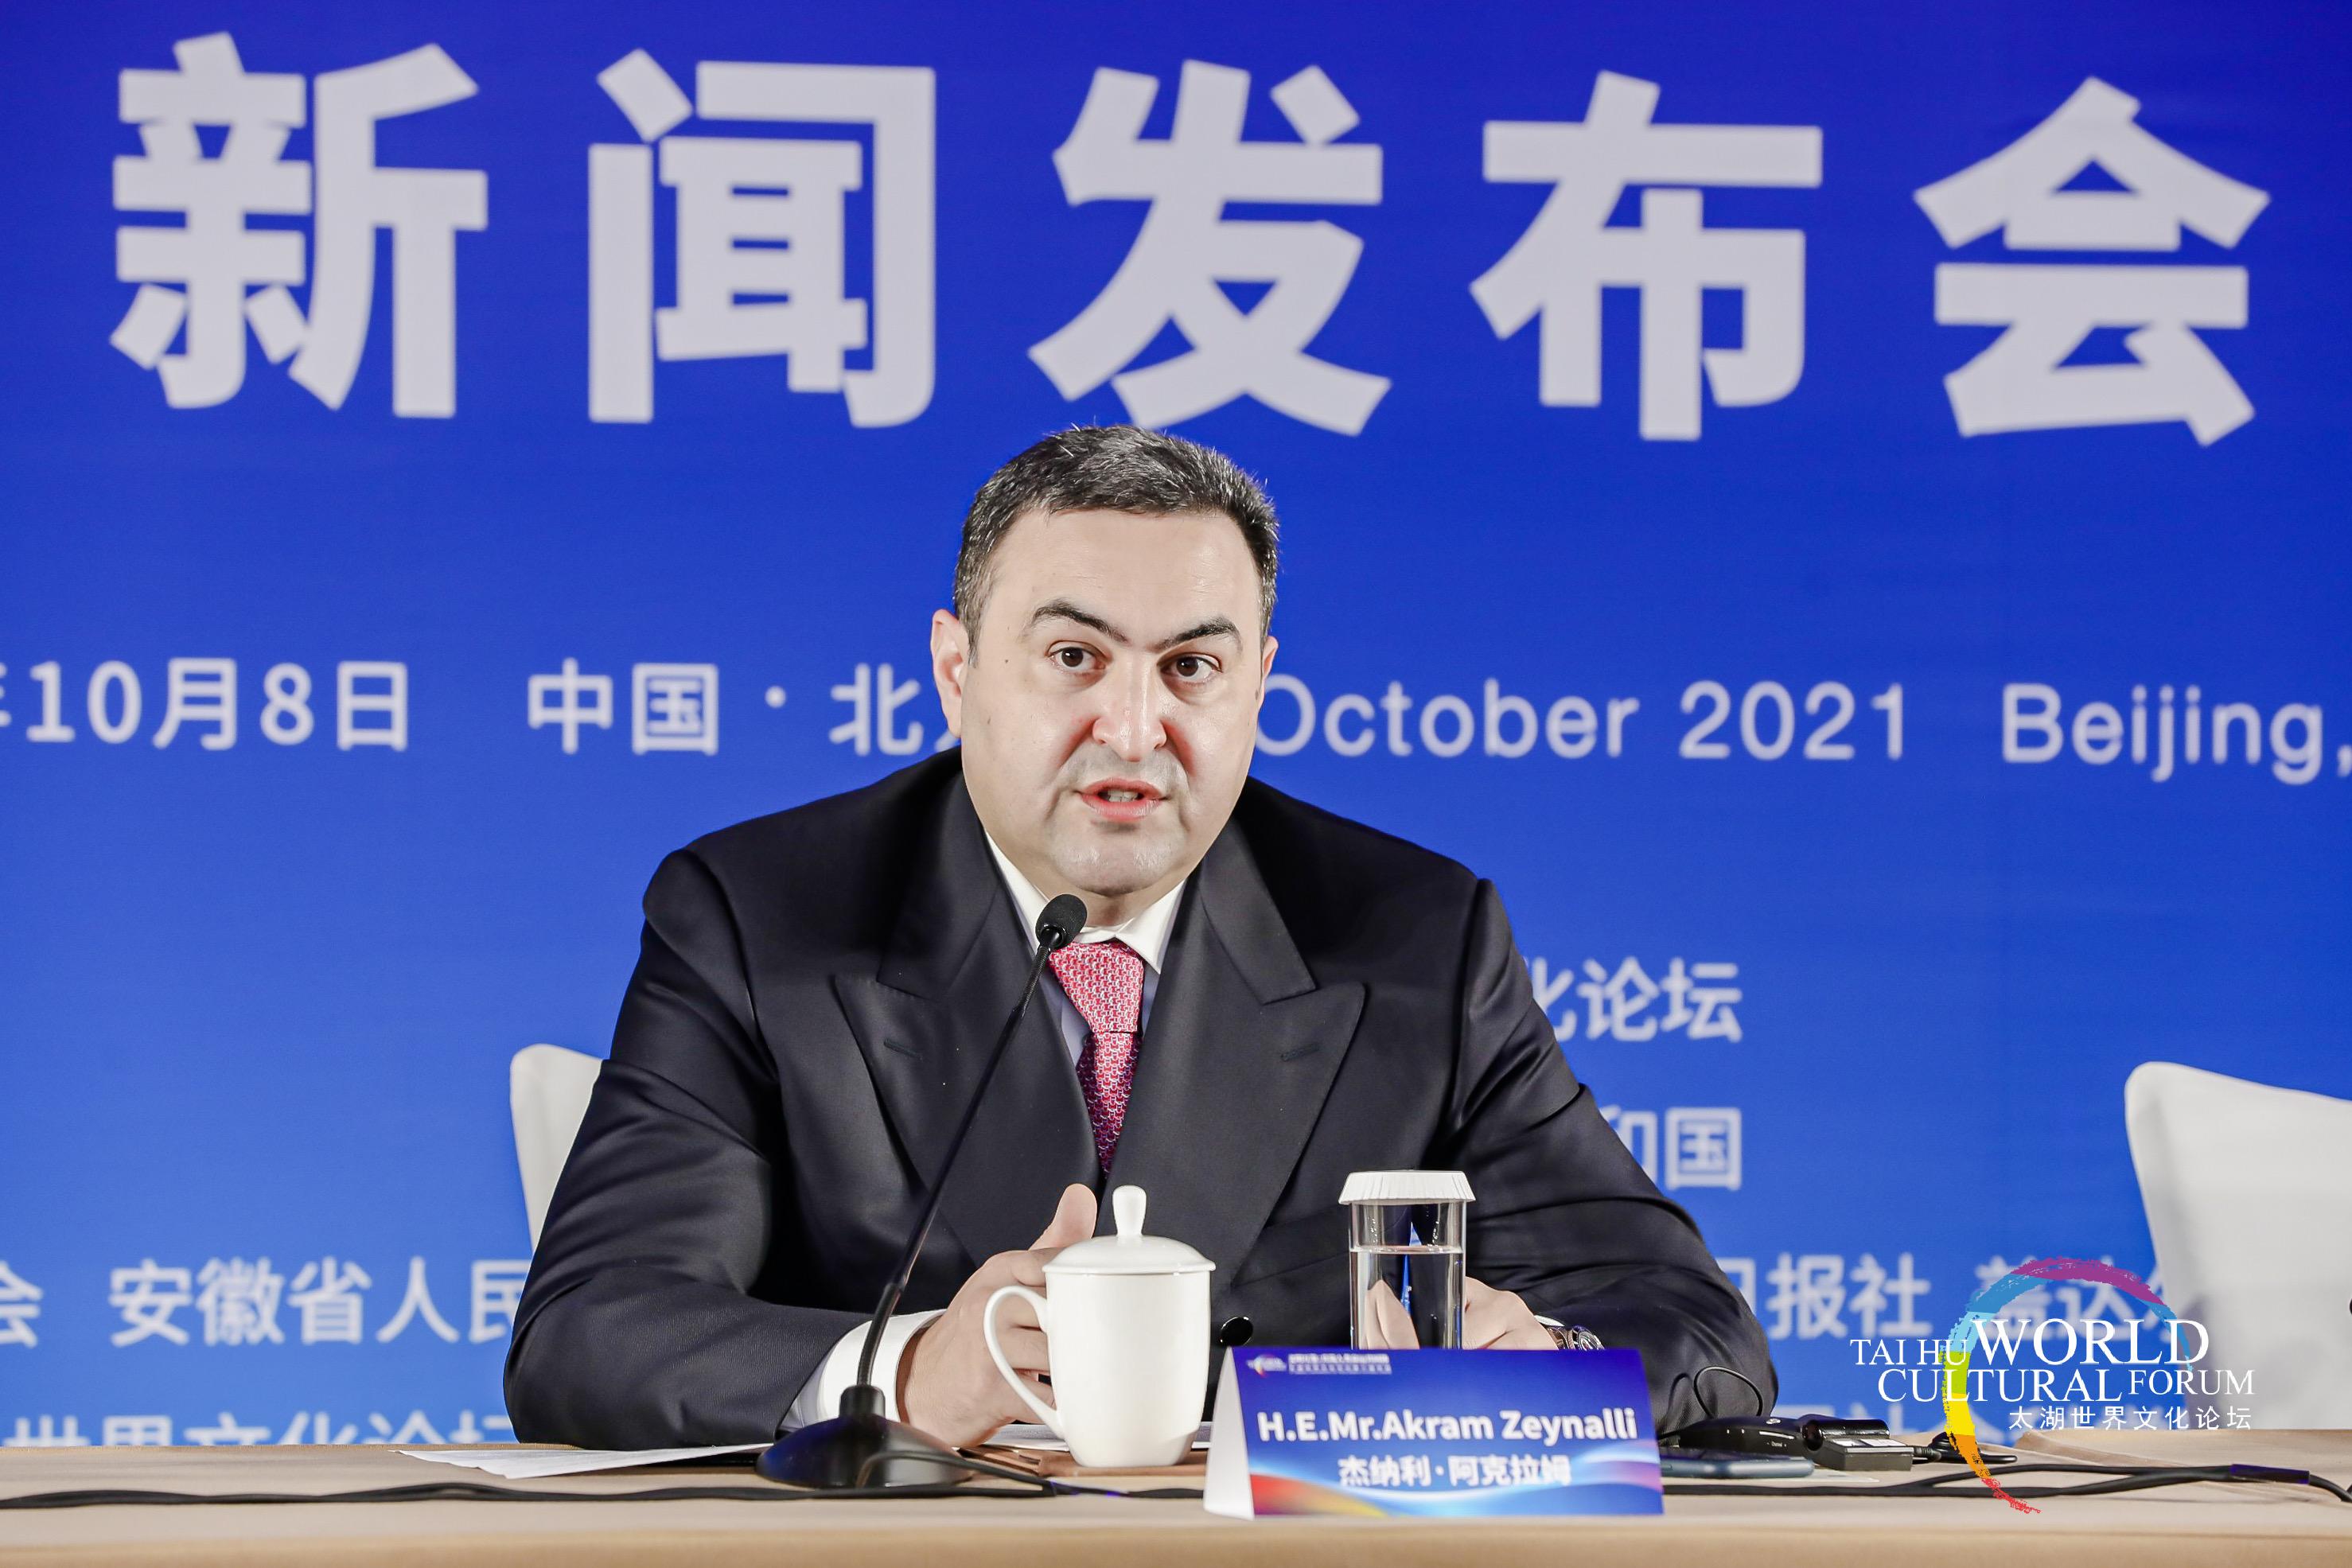 阿塞拜疆共和国驻华大使杰纳利·阿克拉姆